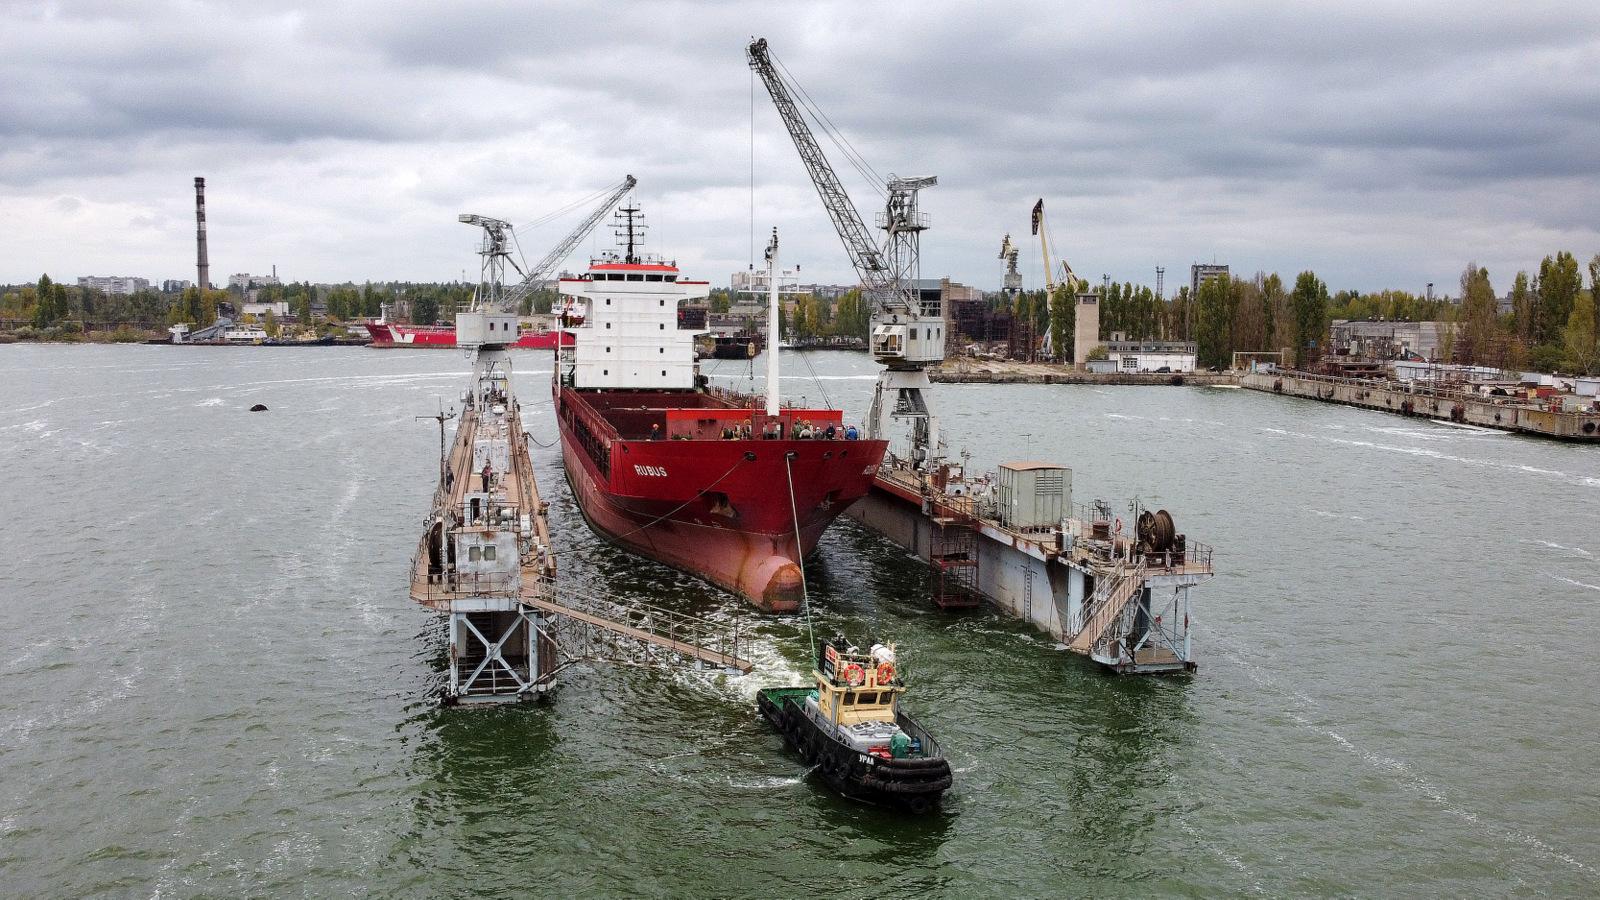 На судостроительный завод «Океан» зашло для докового ремонта сухогруз RUBUS, его планируют отремонтировать за 30 дней